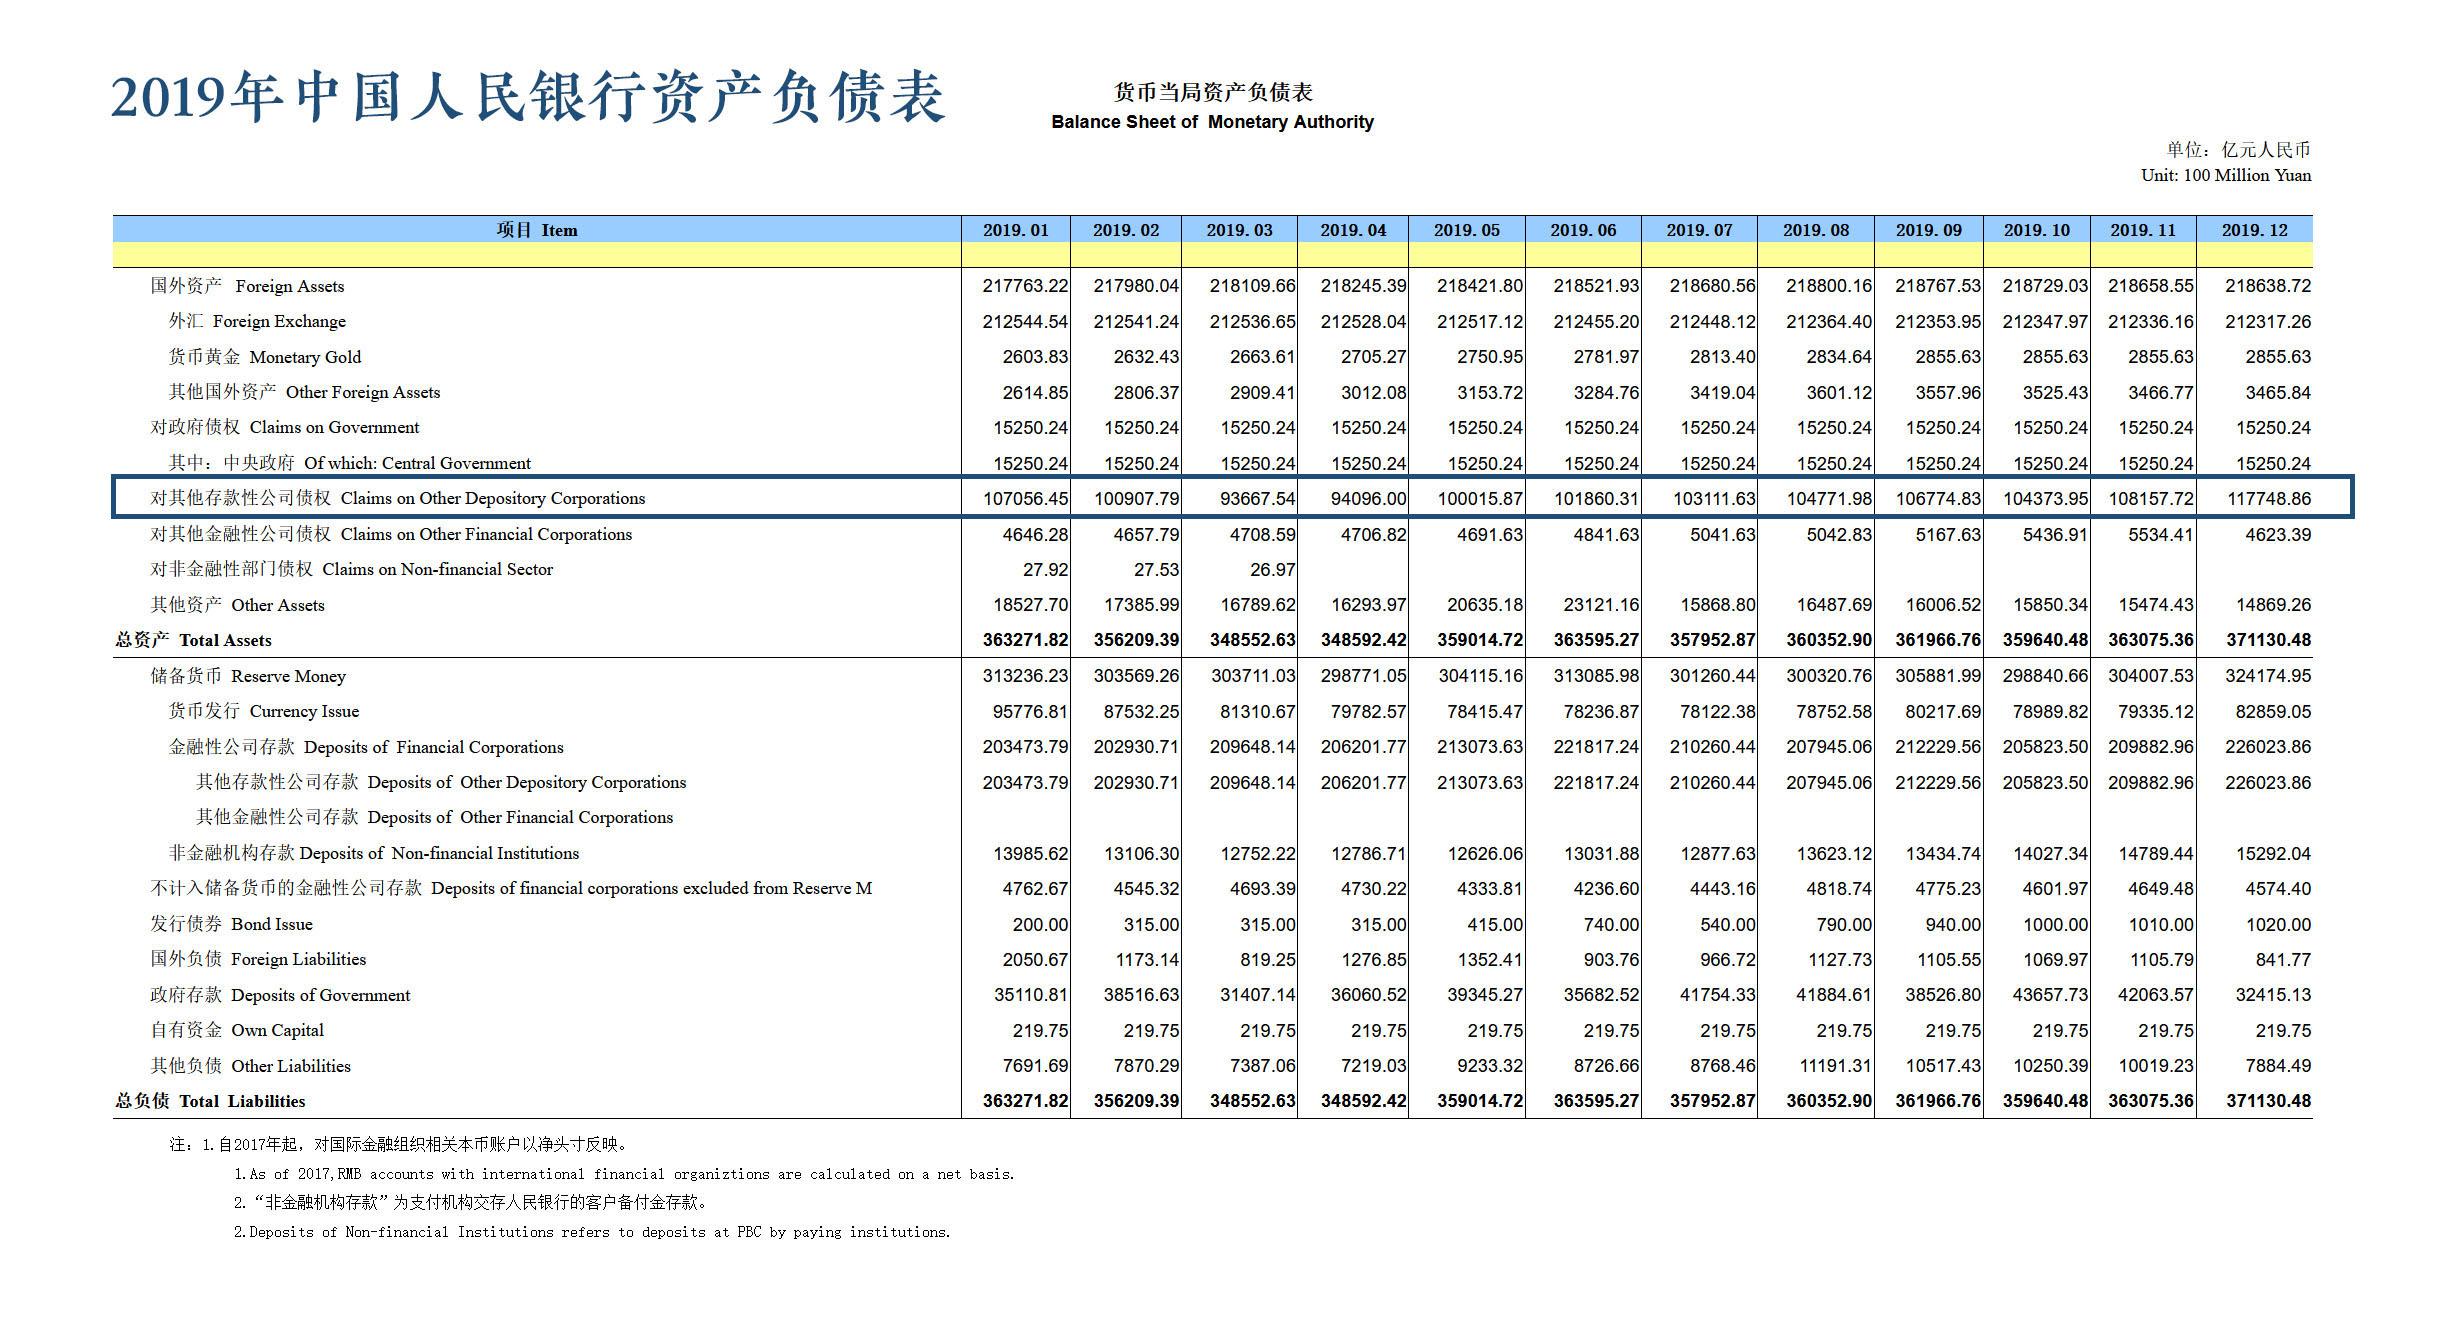 2019 PBOC Balance Sheet